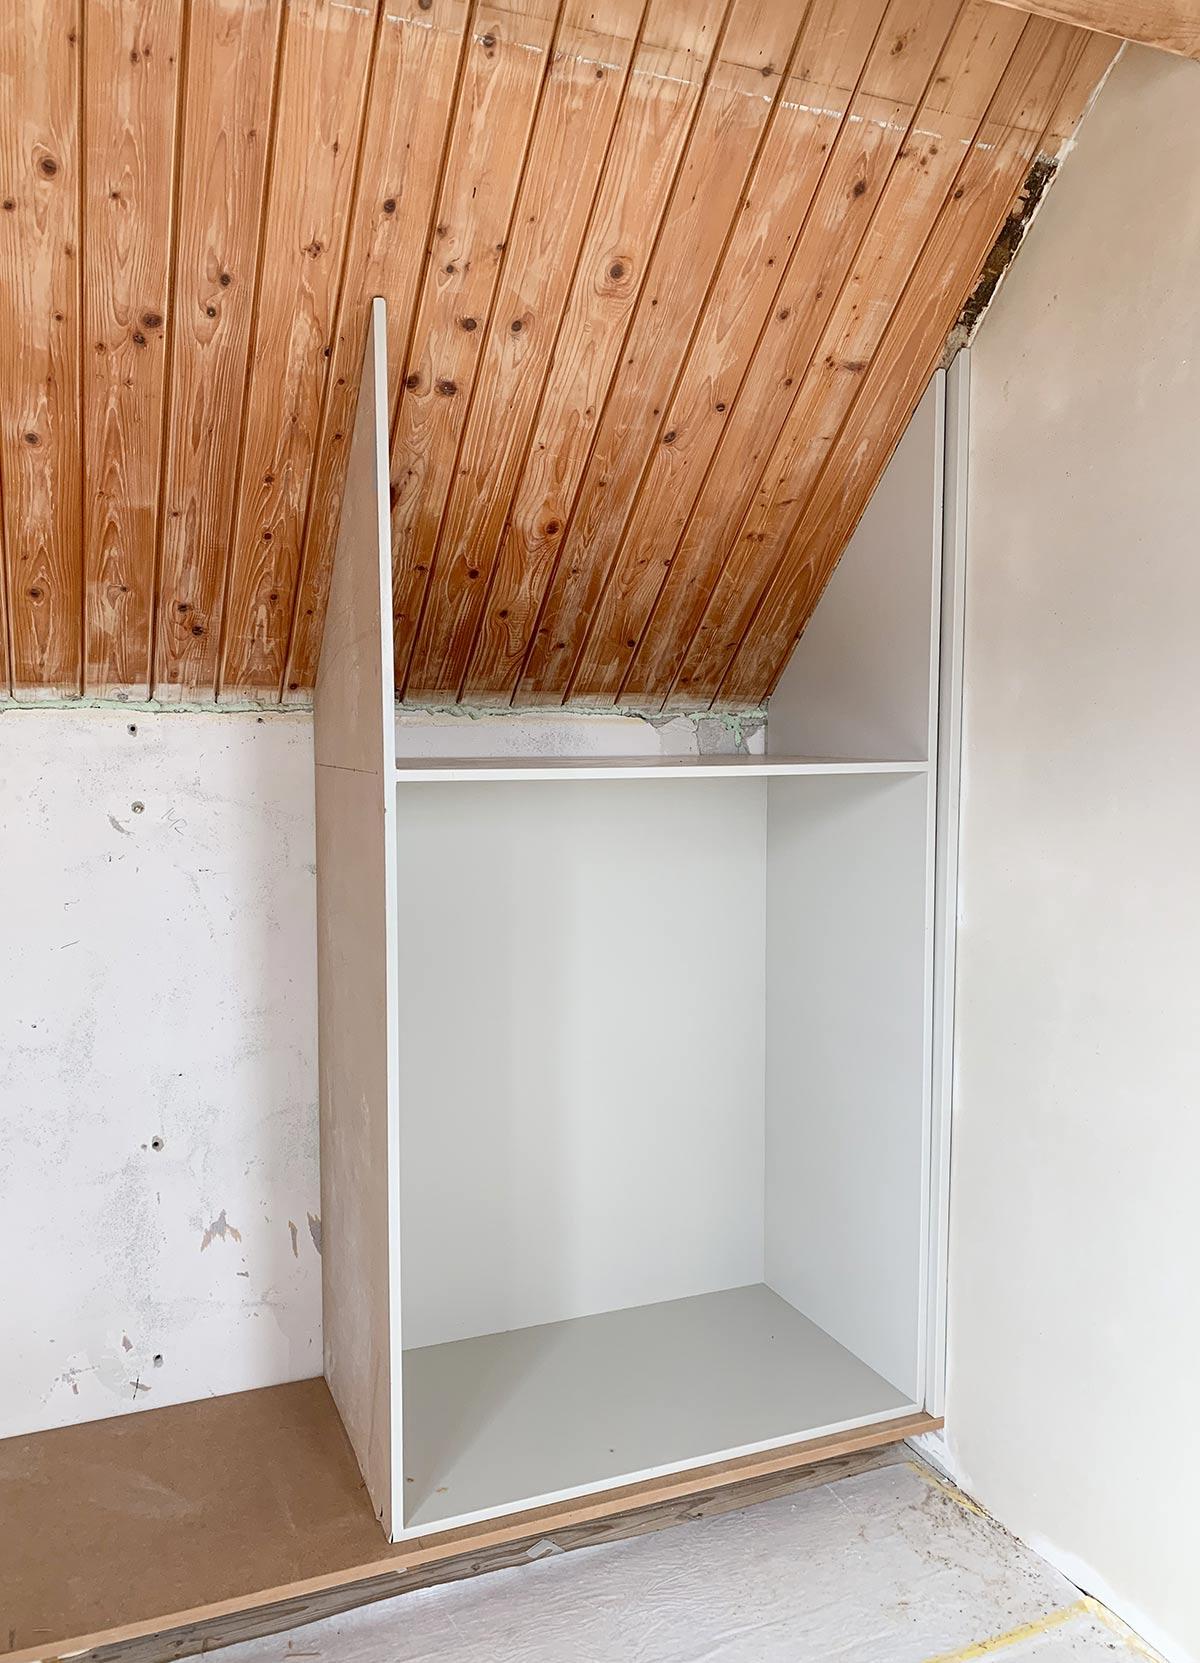 kledingkast op maat schuin dak - Tanja van Hoogdalem